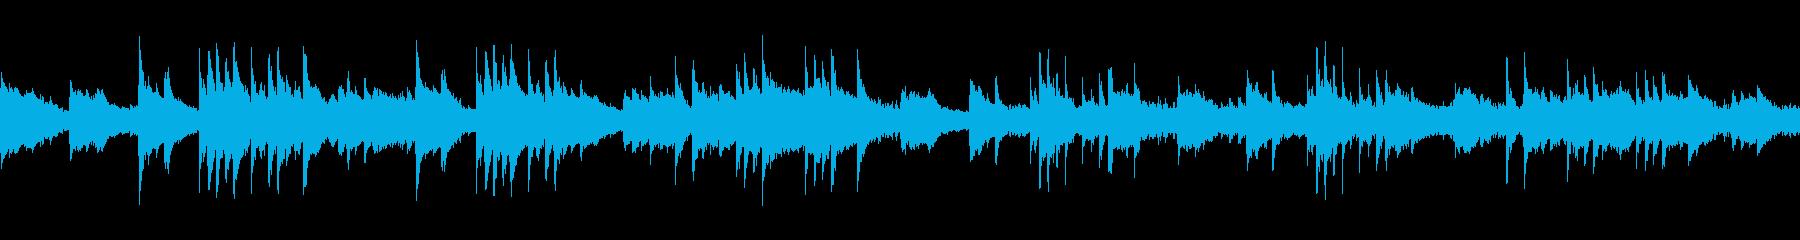 ゆったりとした幻想的なピアノバラードの再生済みの波形